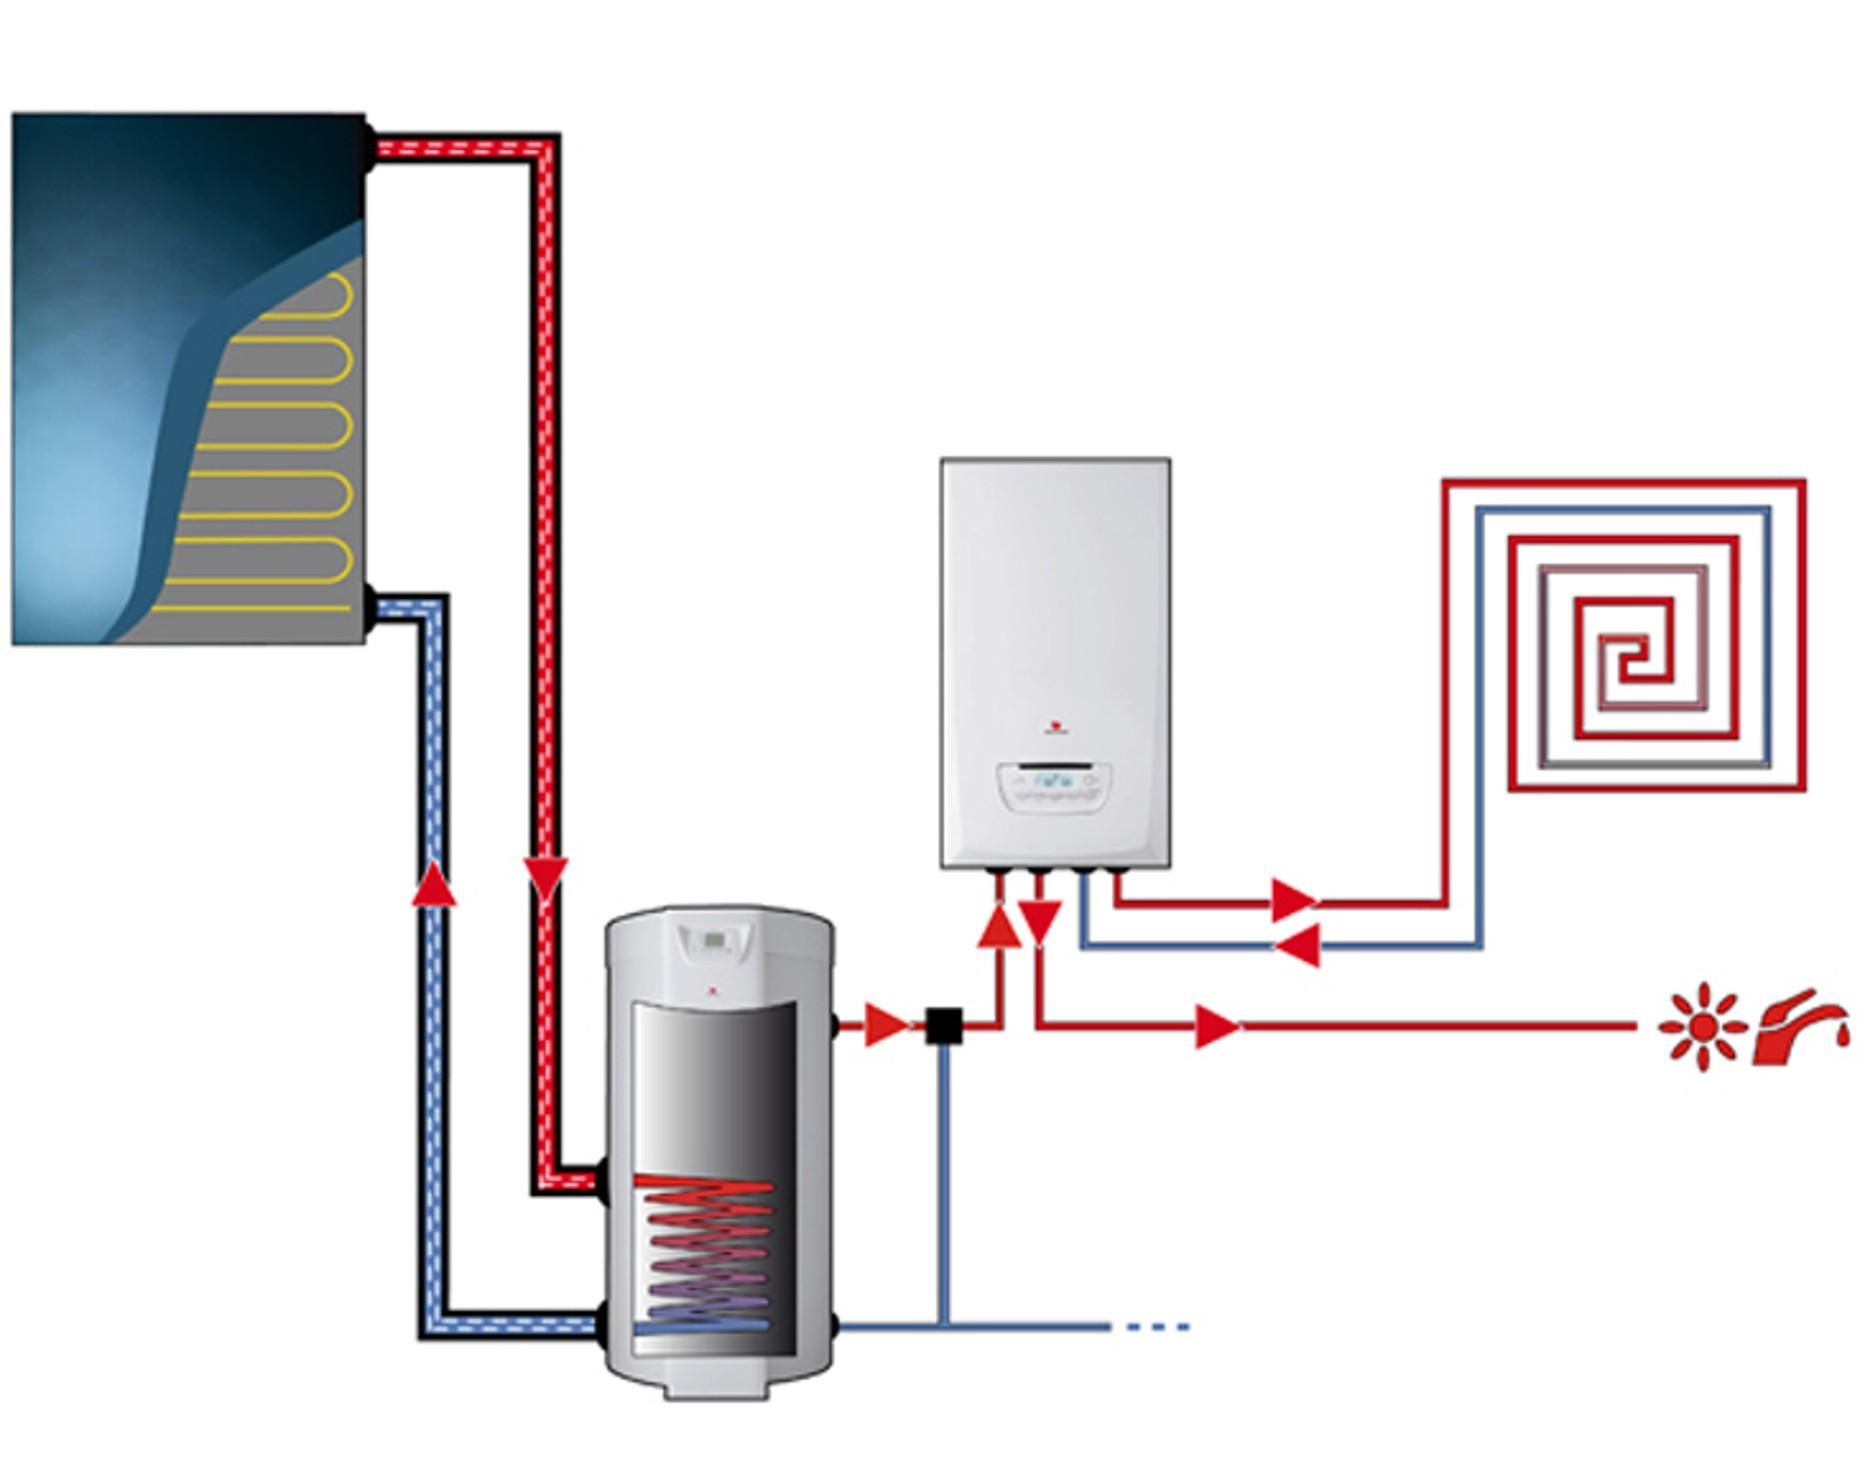 Rt 2012 chaudi re condensation chauffe eau solaire for Chaudiere murale gaz avec eau chaude sanitaire instantanee